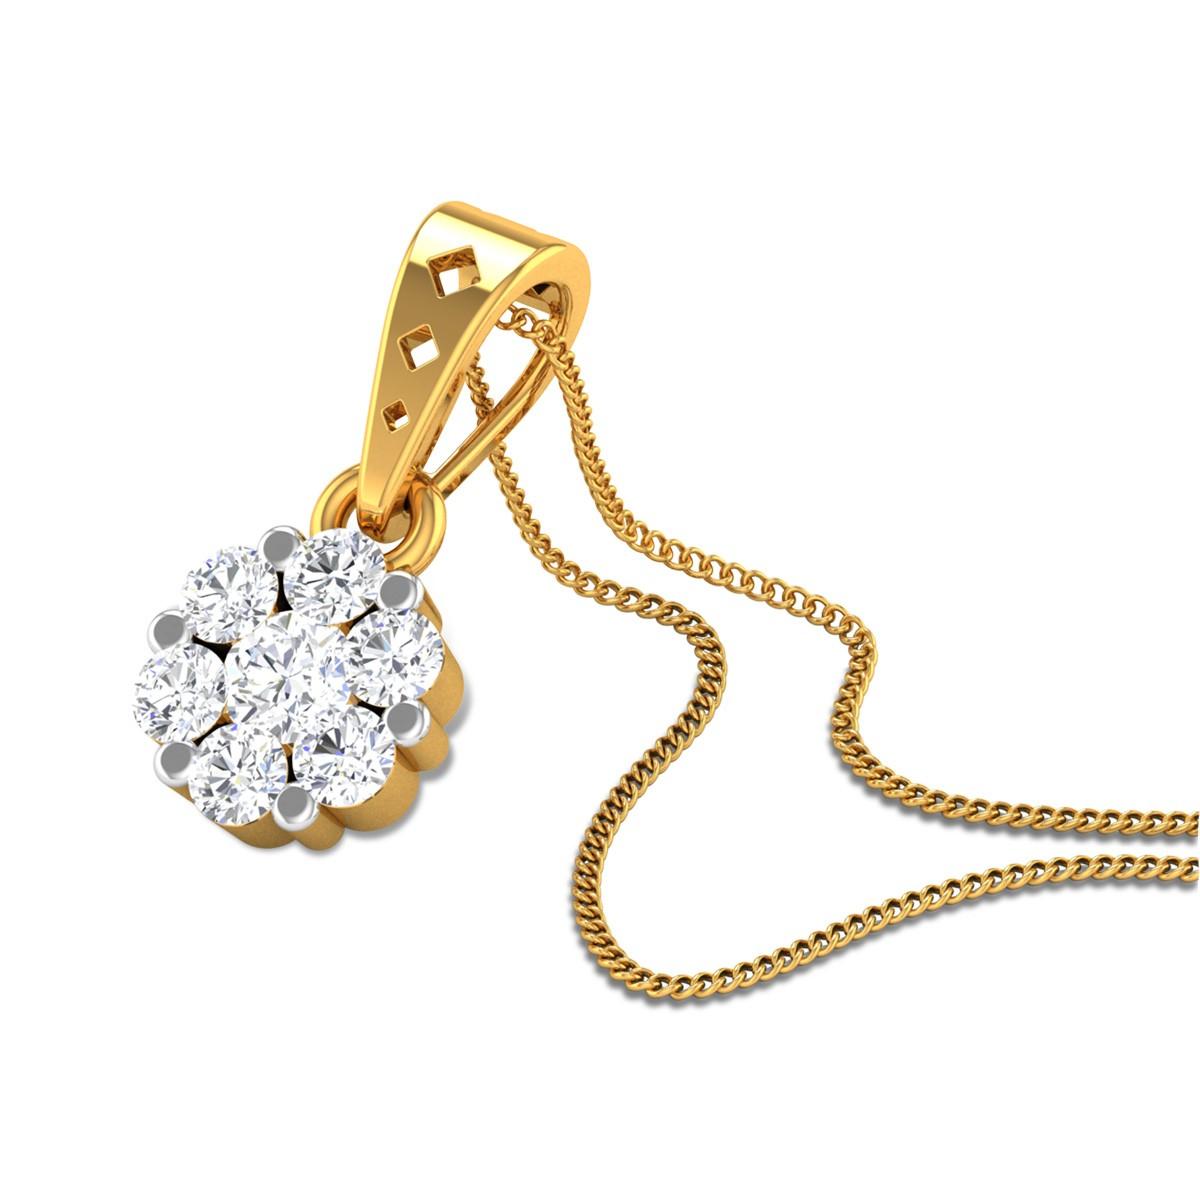 Clara Diamond Pendant